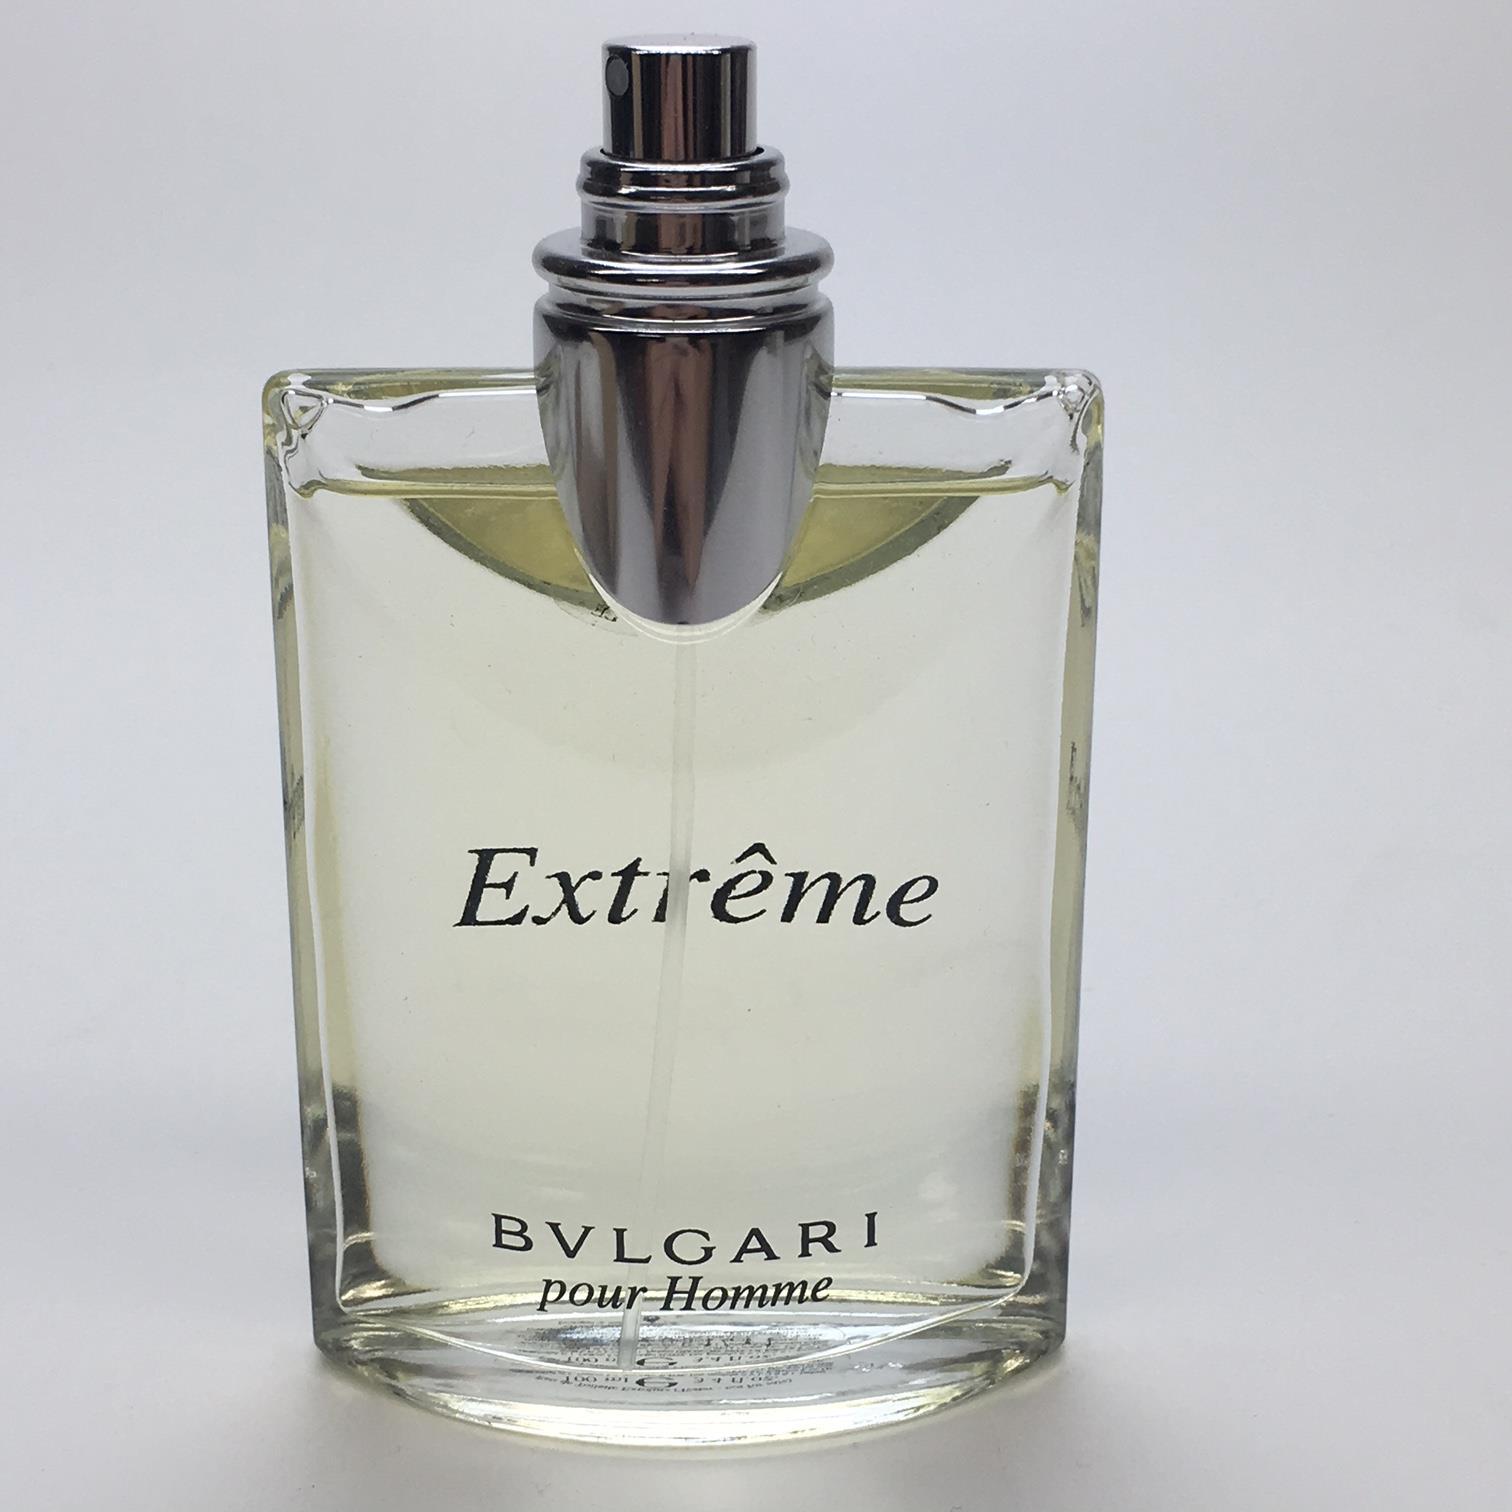 Pour Homme Extreme 100ml Eau De Toilette Unboxed Tester By Bvlgari